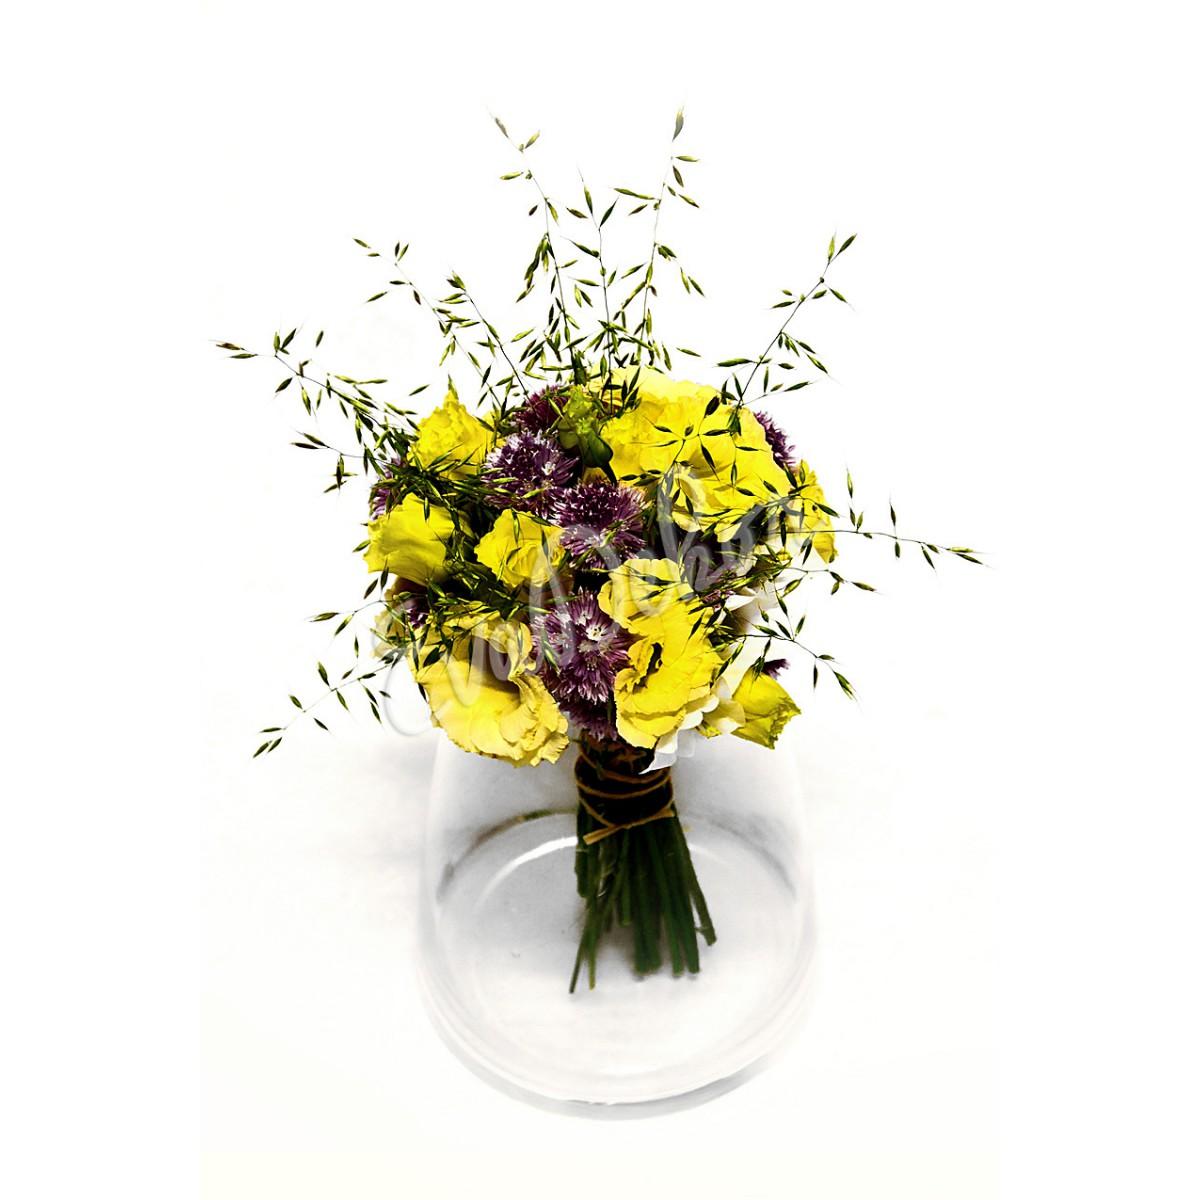 Svatební kytice Eustoma v kouli - EvaDekor rovoz květin po Praze